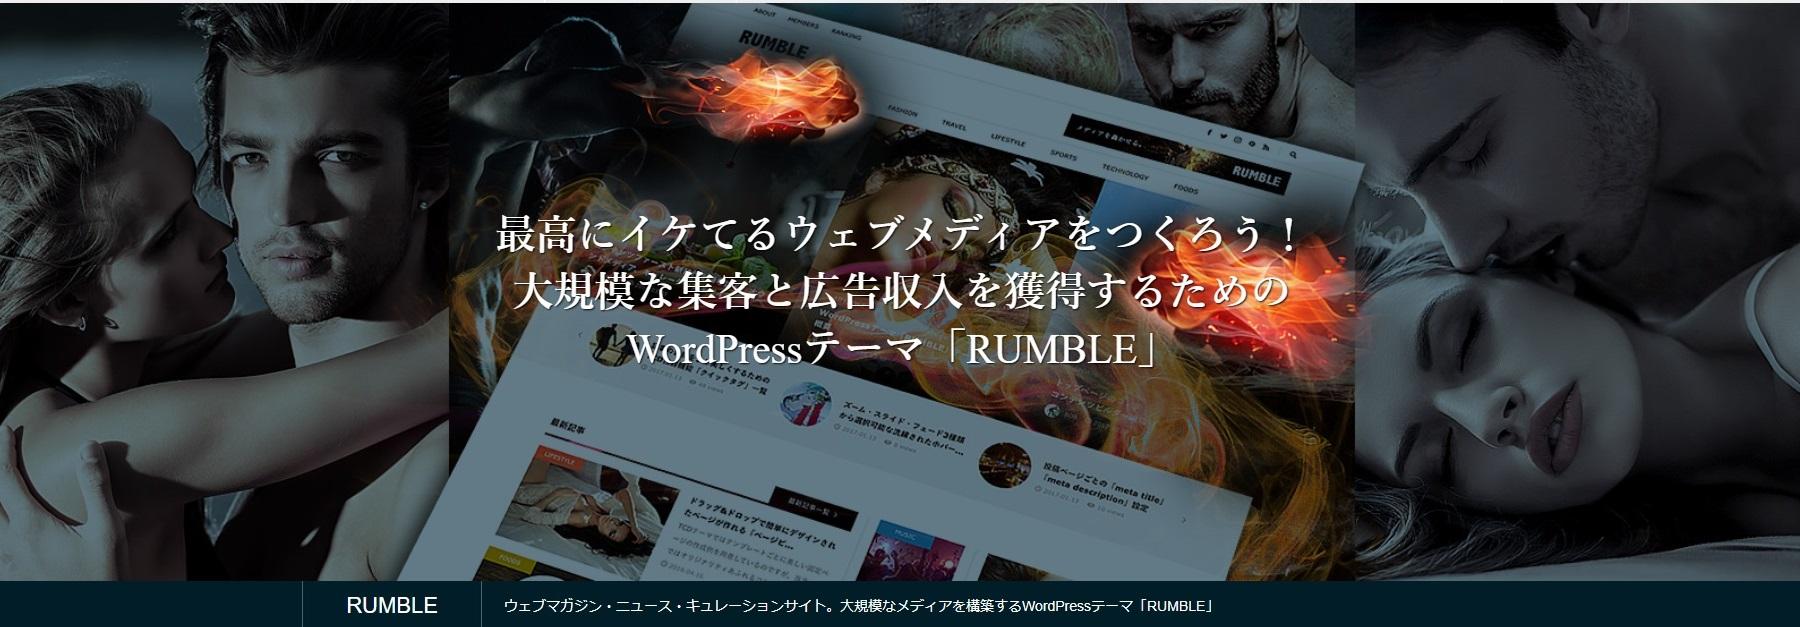 wordpress-theme-rumble-tcd058